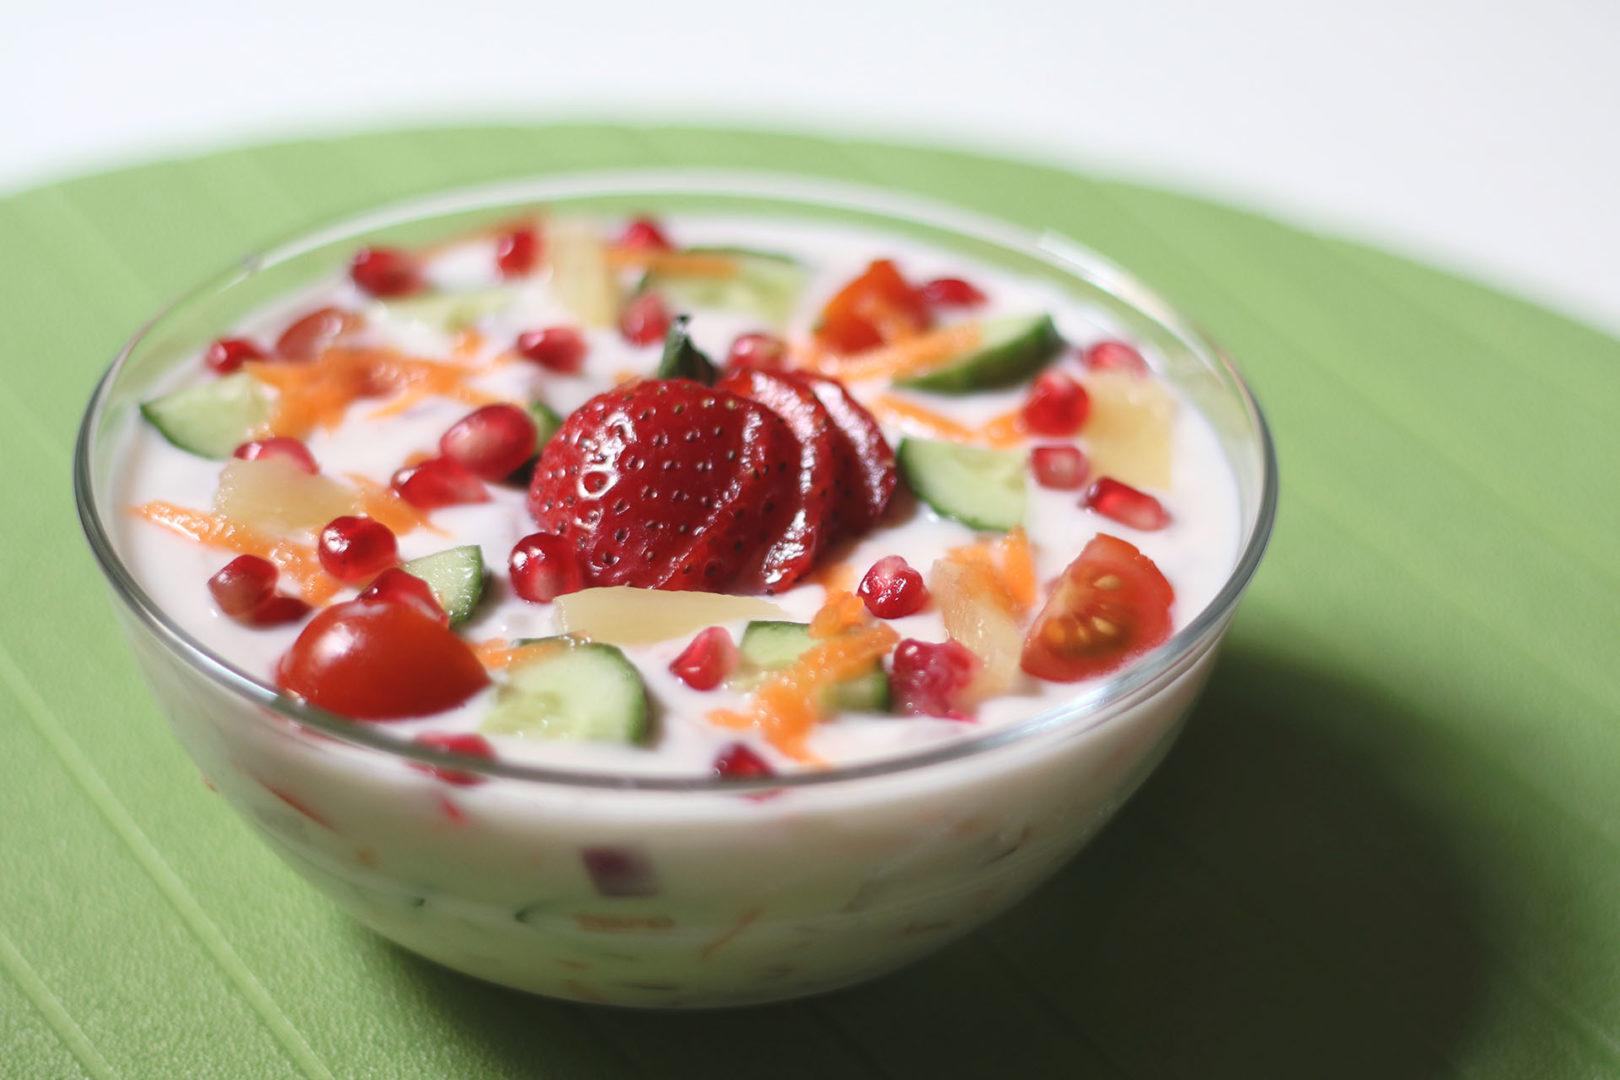 وجبات خفيفة صحية - زبادي وفاكهة